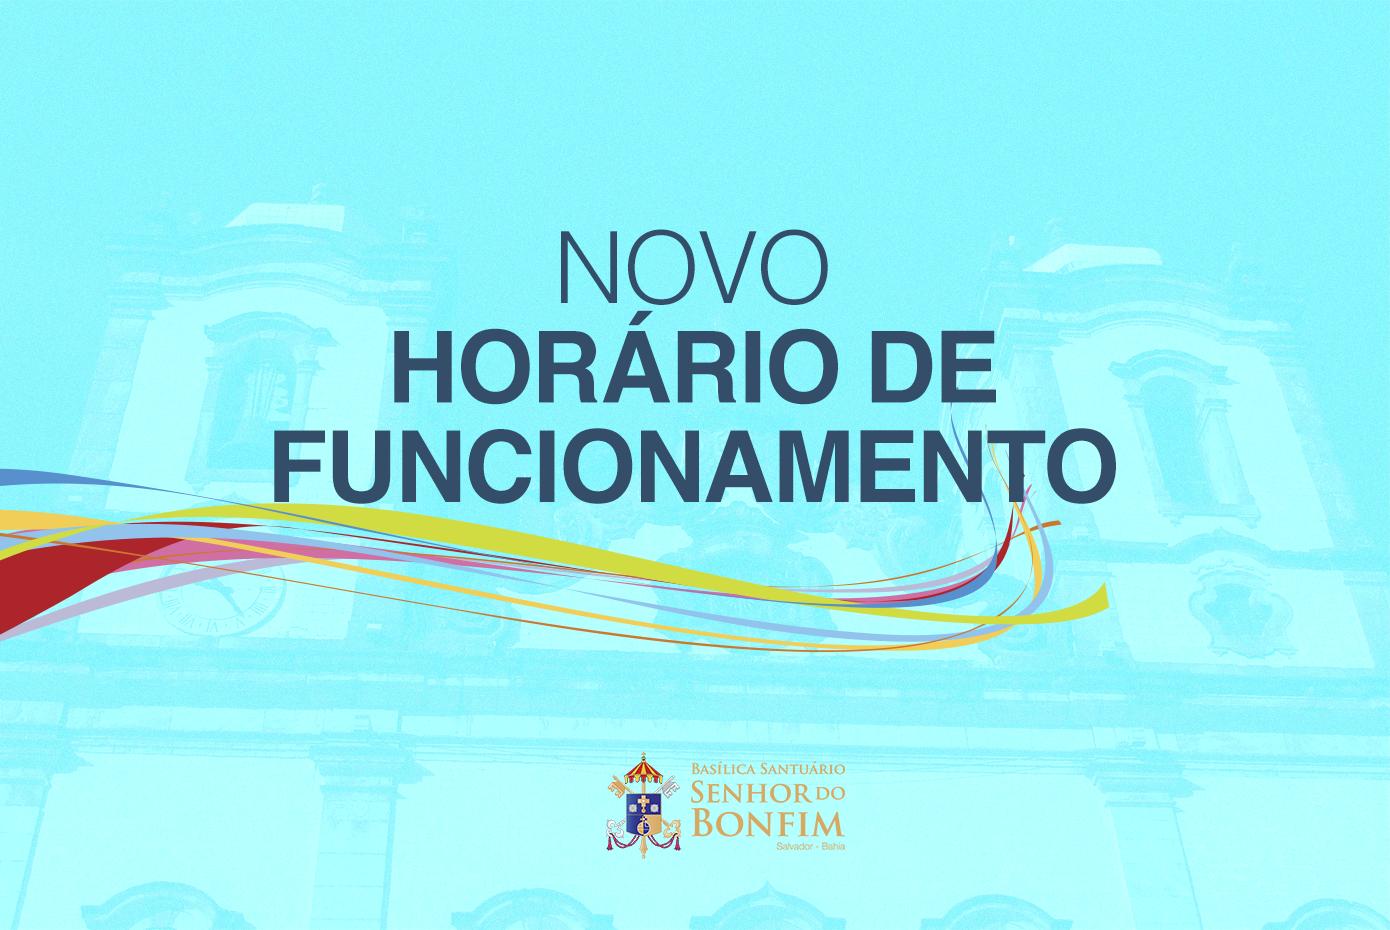 Basílica do Bonfim passa a funcionar em novo horário após decreto publicado pela Prefeitura